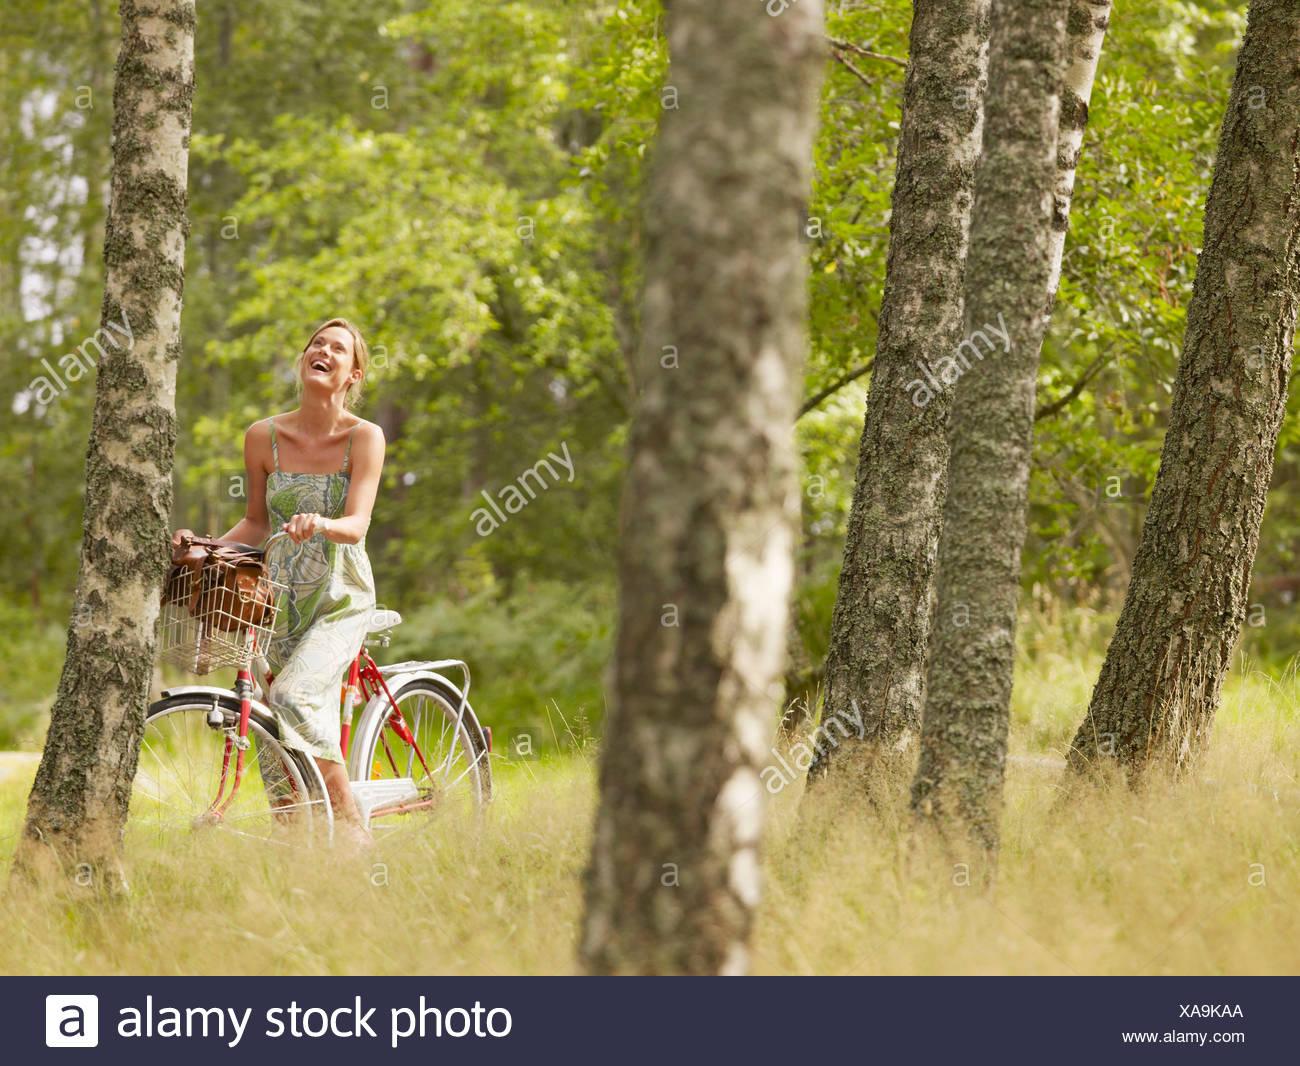 Mujer andar en bicicleta en el bosque sonriente. Imagen De Stock